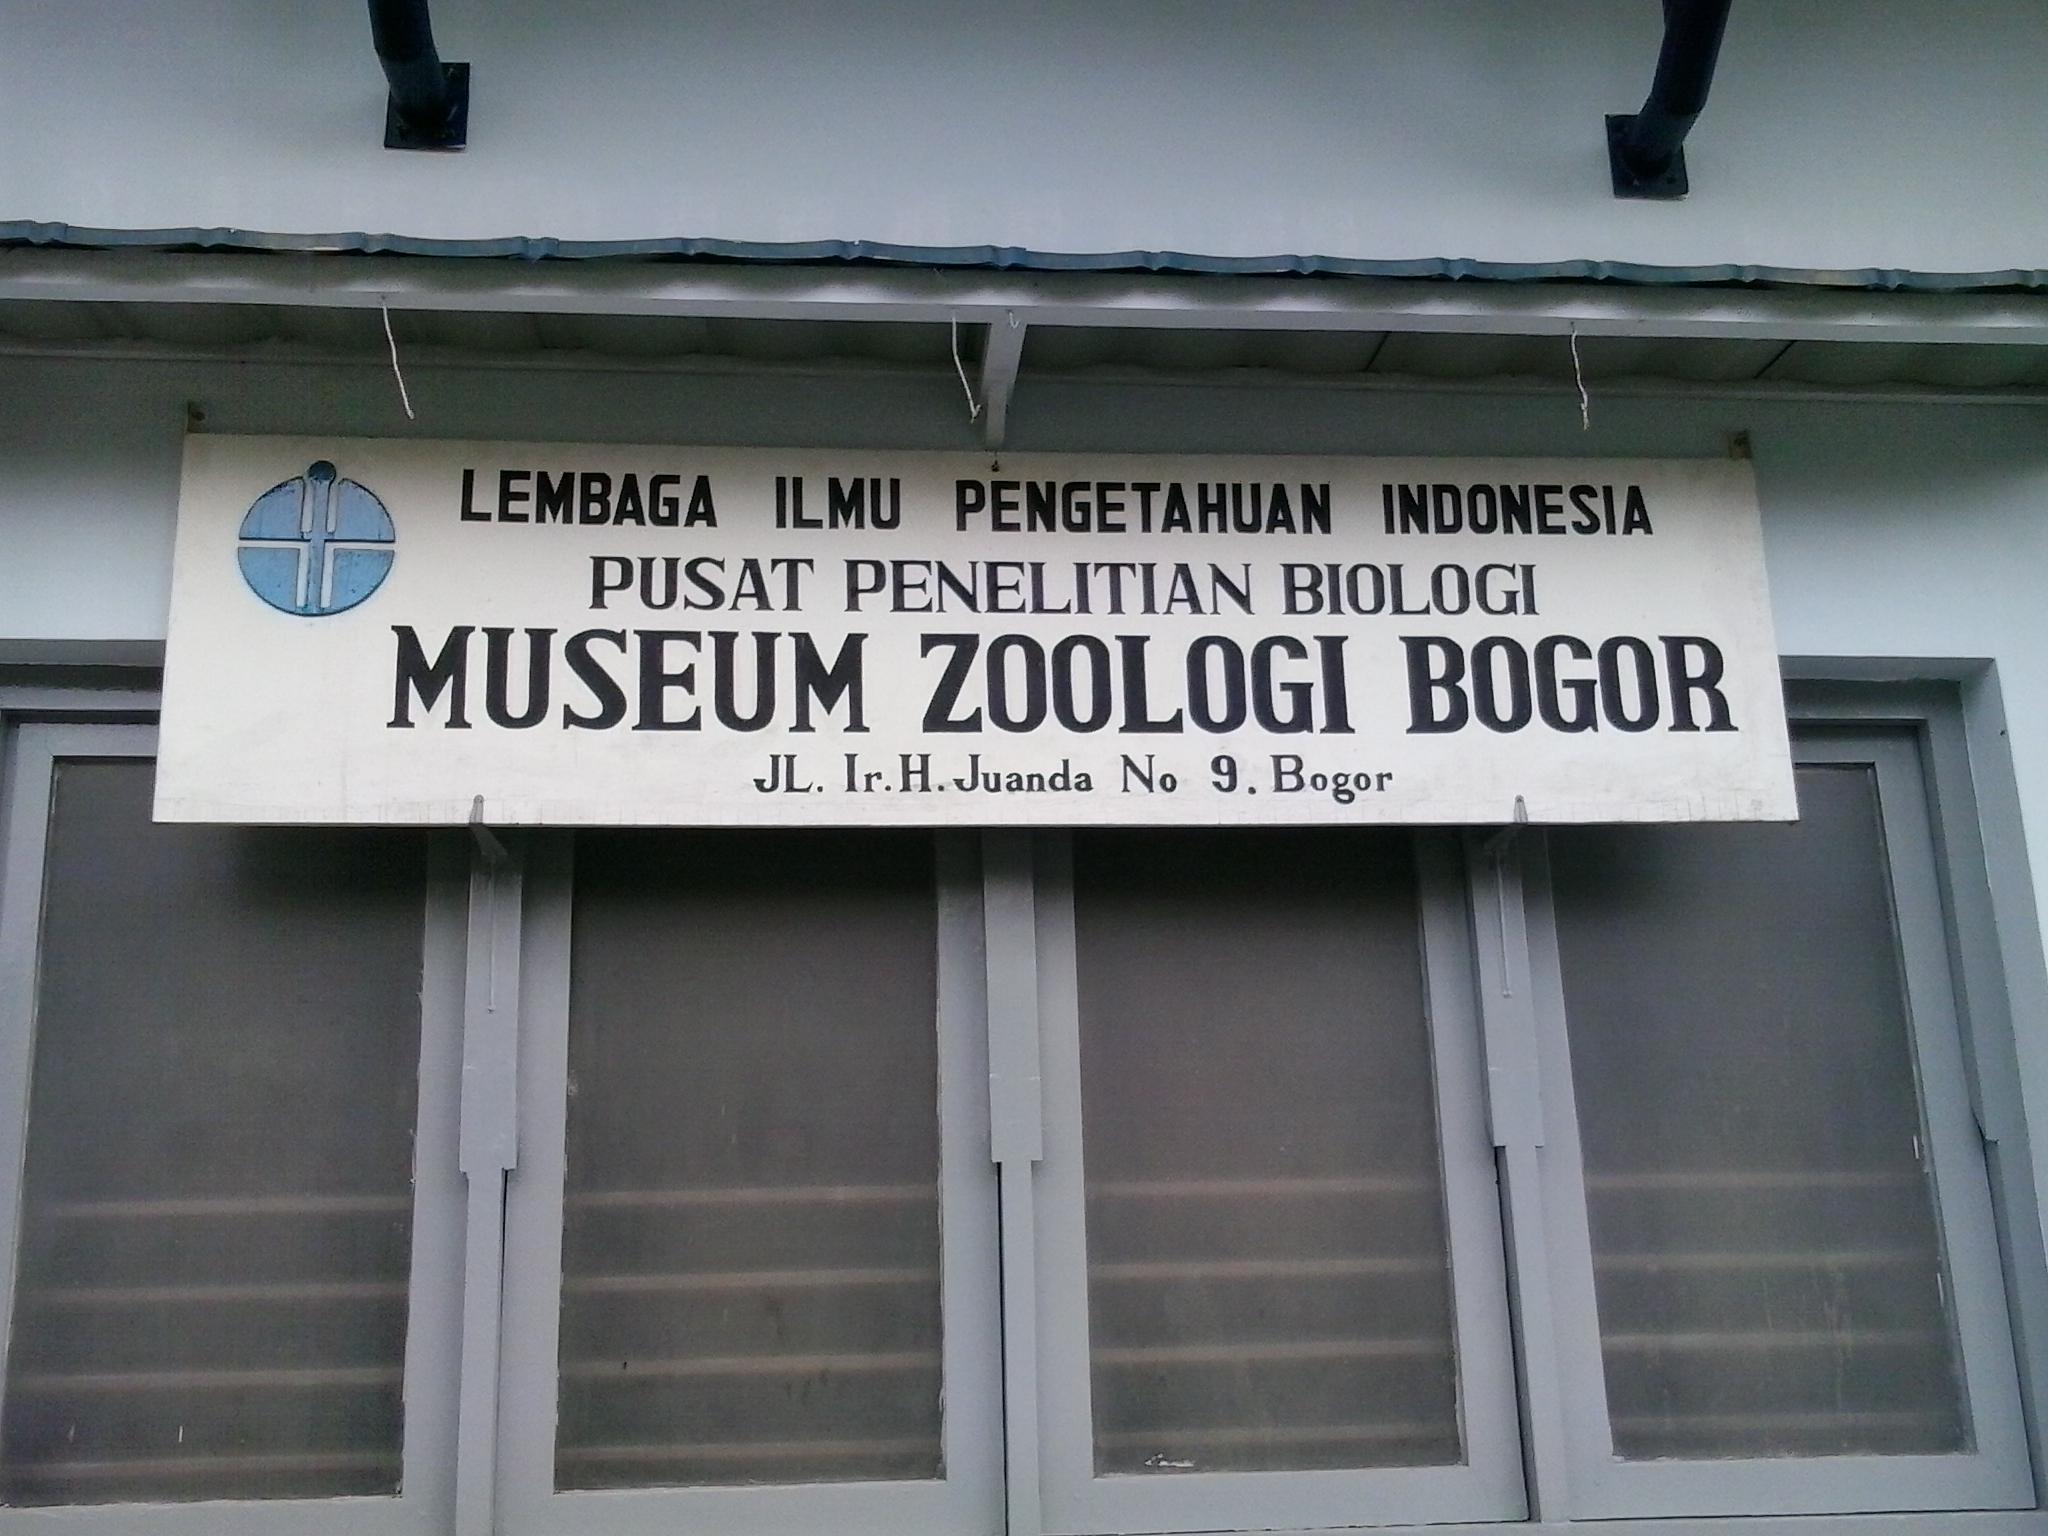 Bogor 10 Museum Mengenal Keanekaragaman Satwa Zoologi Musium Etnobotani Kab